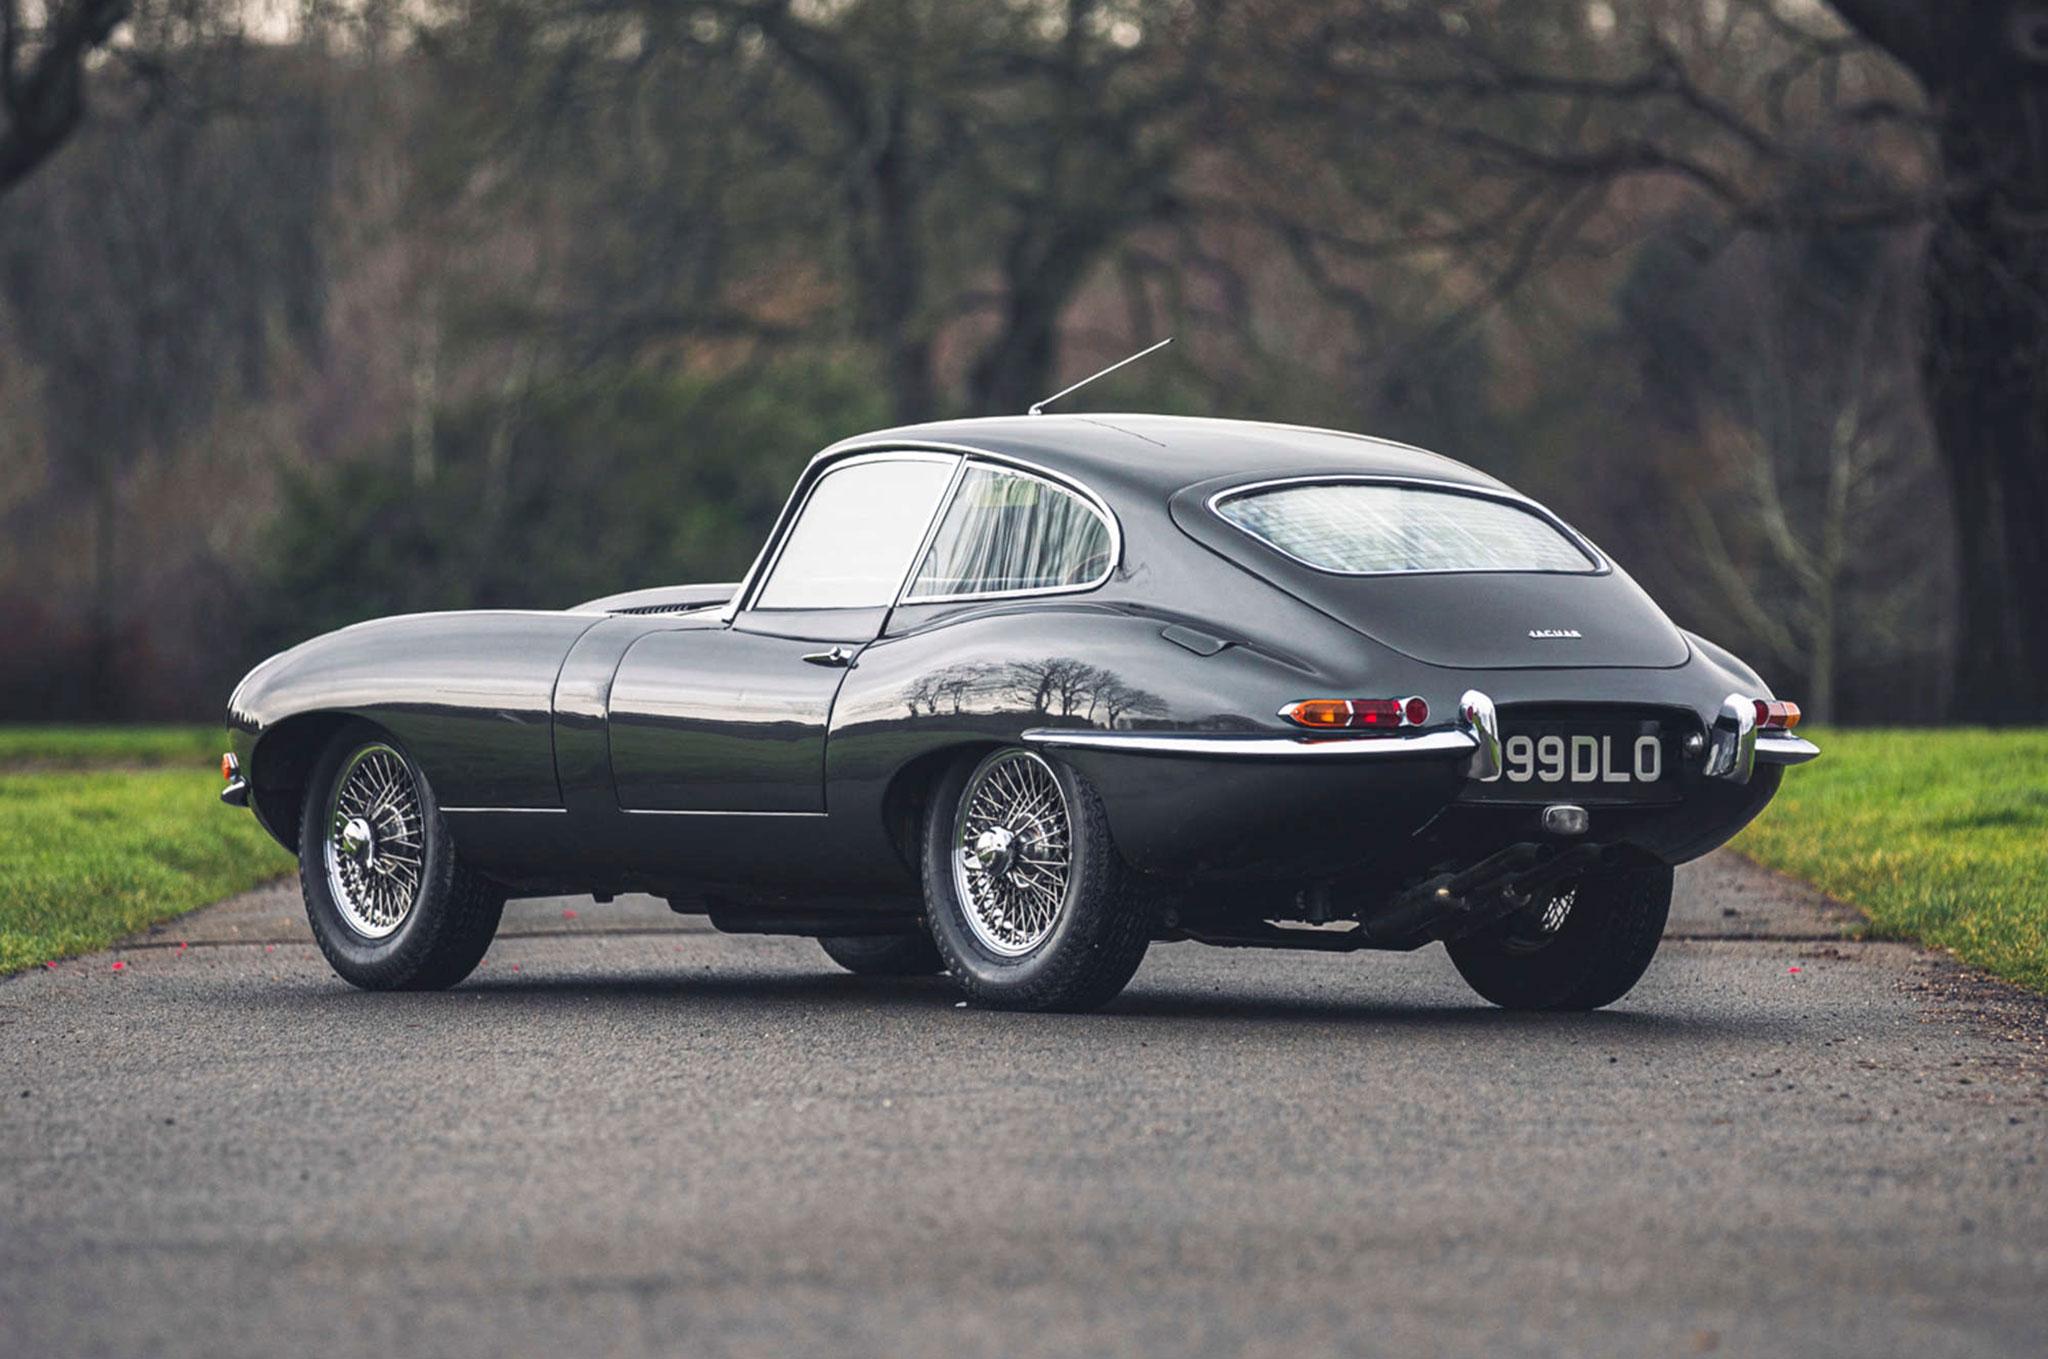 1961 Jaguar E Type 3.8 Series 1 FHC Flat-Floor Chassis N° 60 vue trois quarts arrière gauche - Silverstone Auctions Mars 2021.